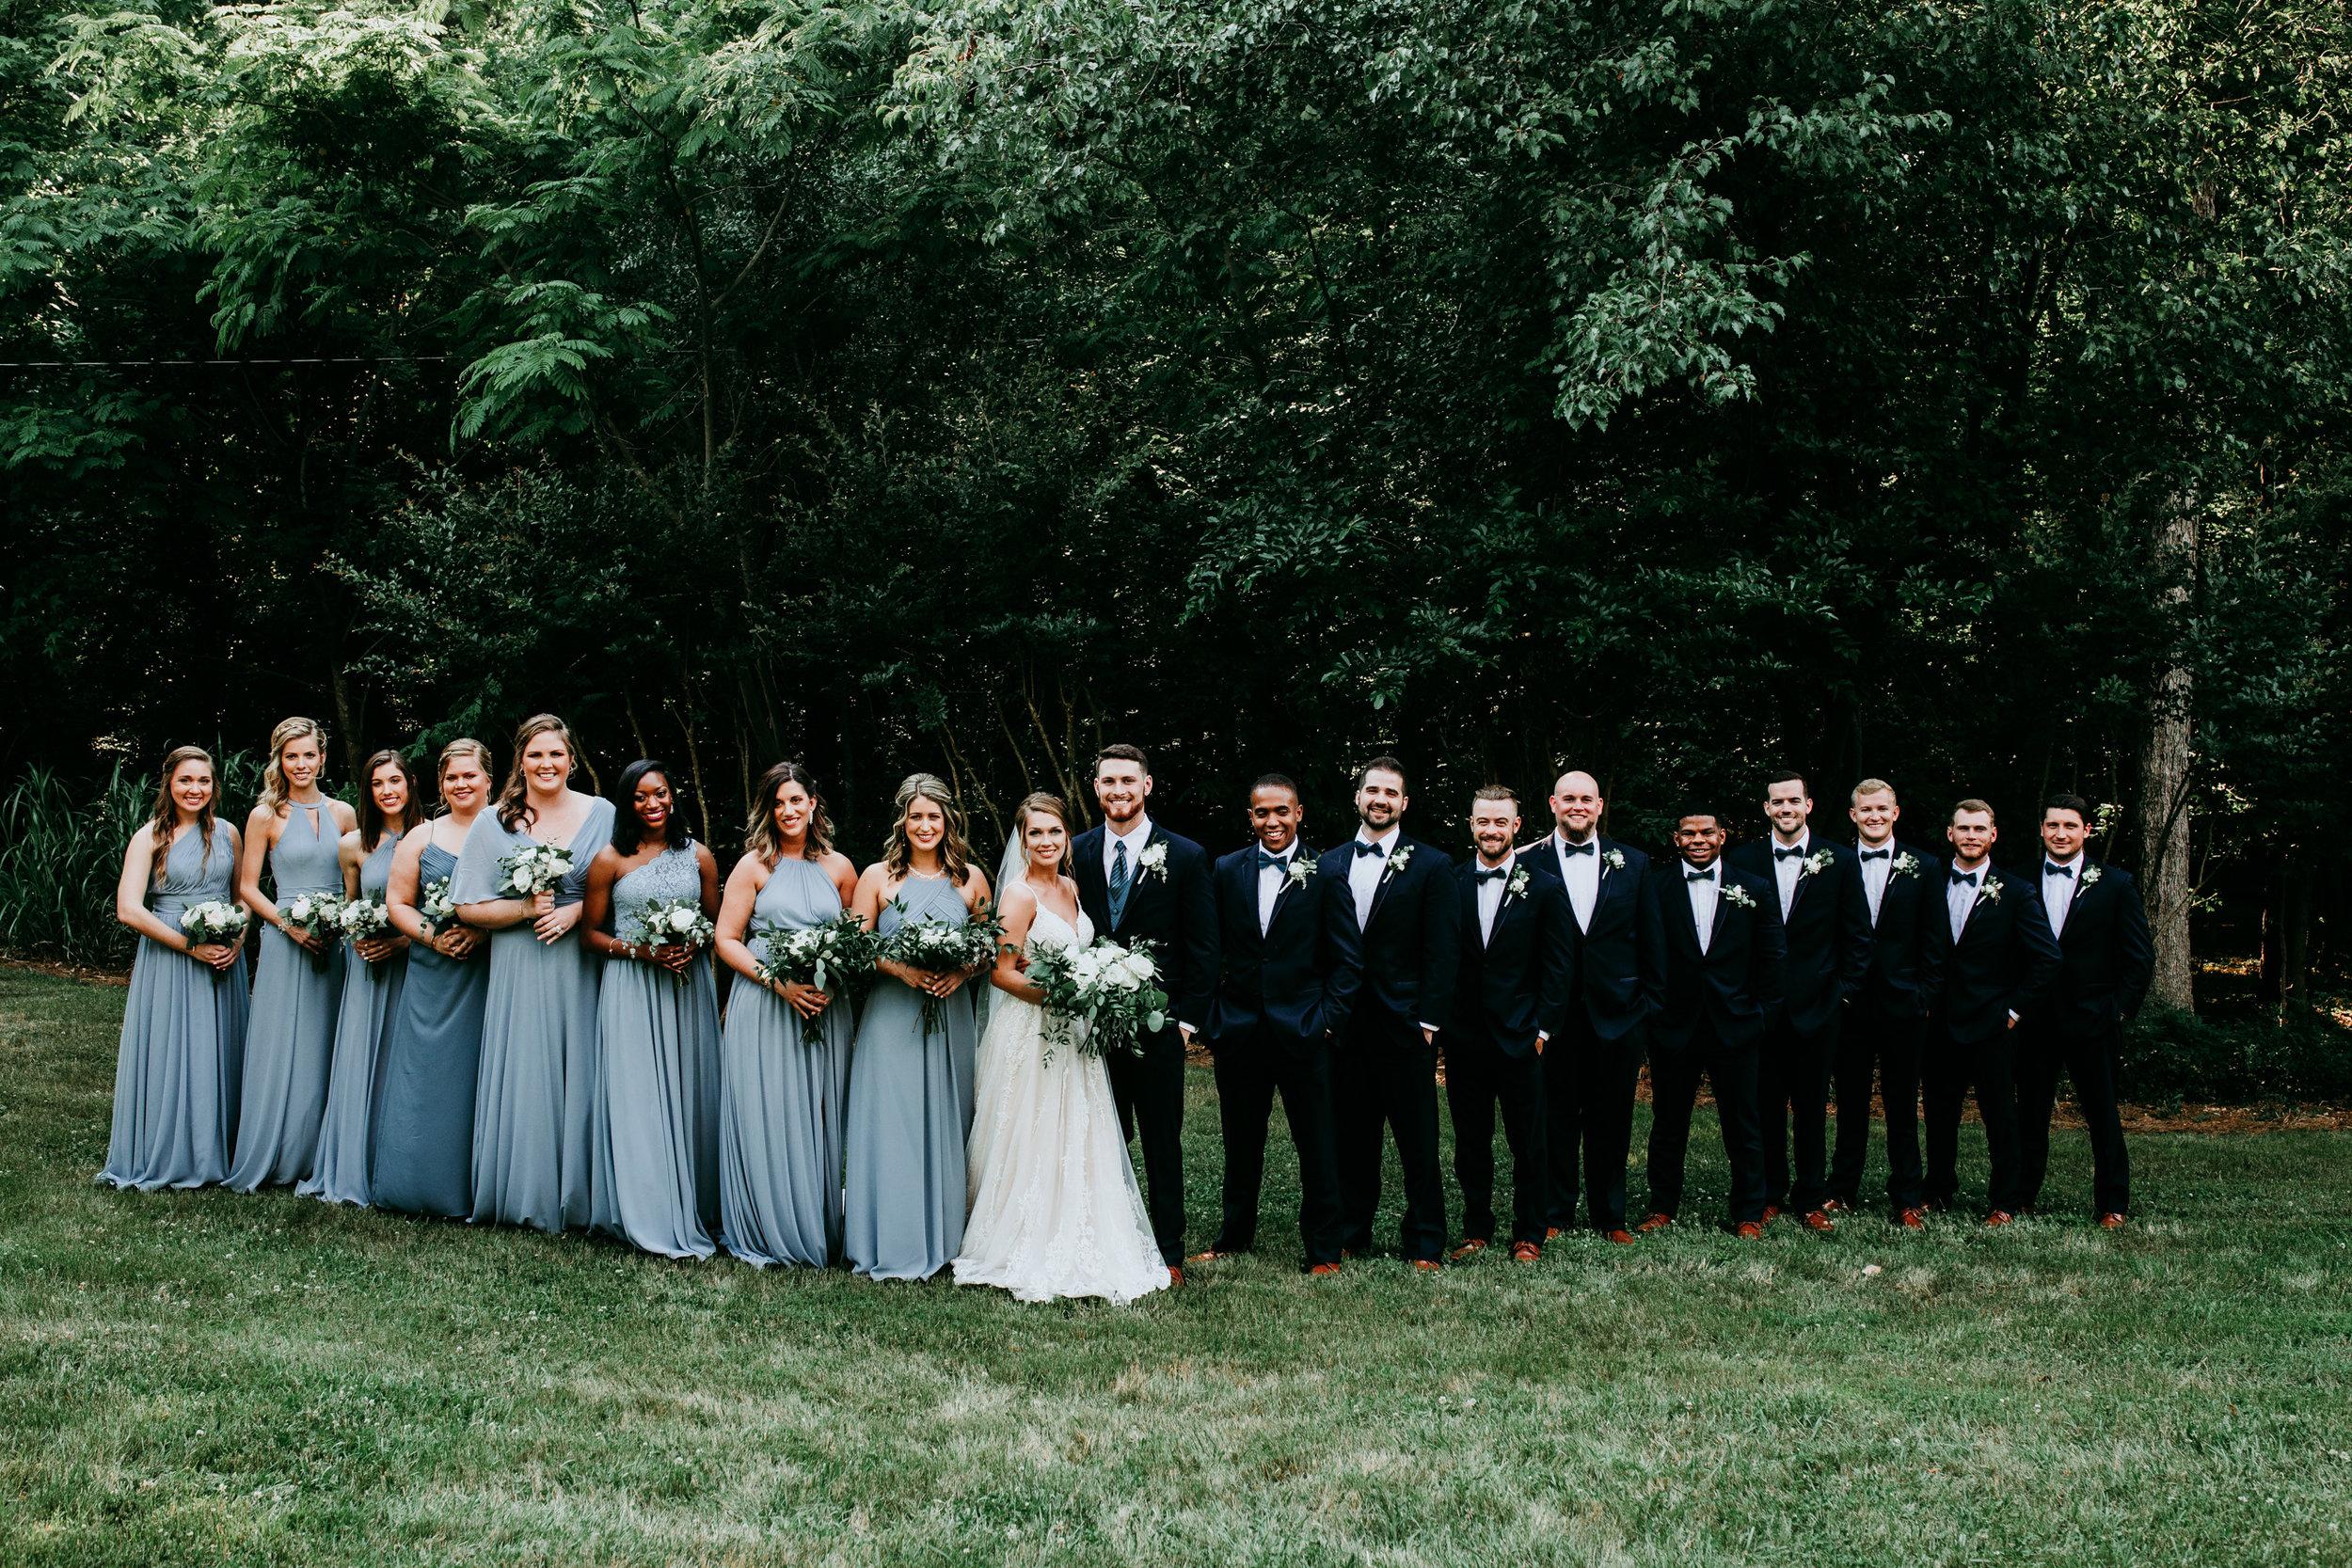 unique-wedding-party-photos.jpg